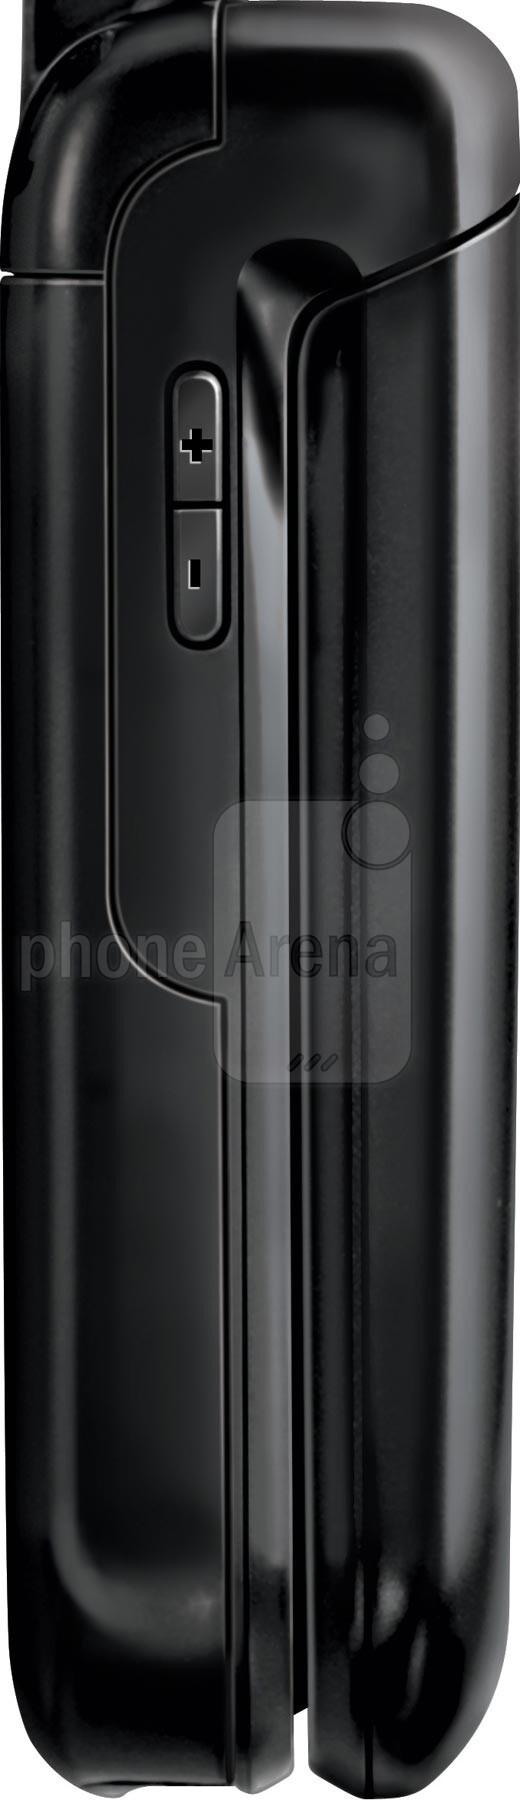 Nokia 2365i / 2366i